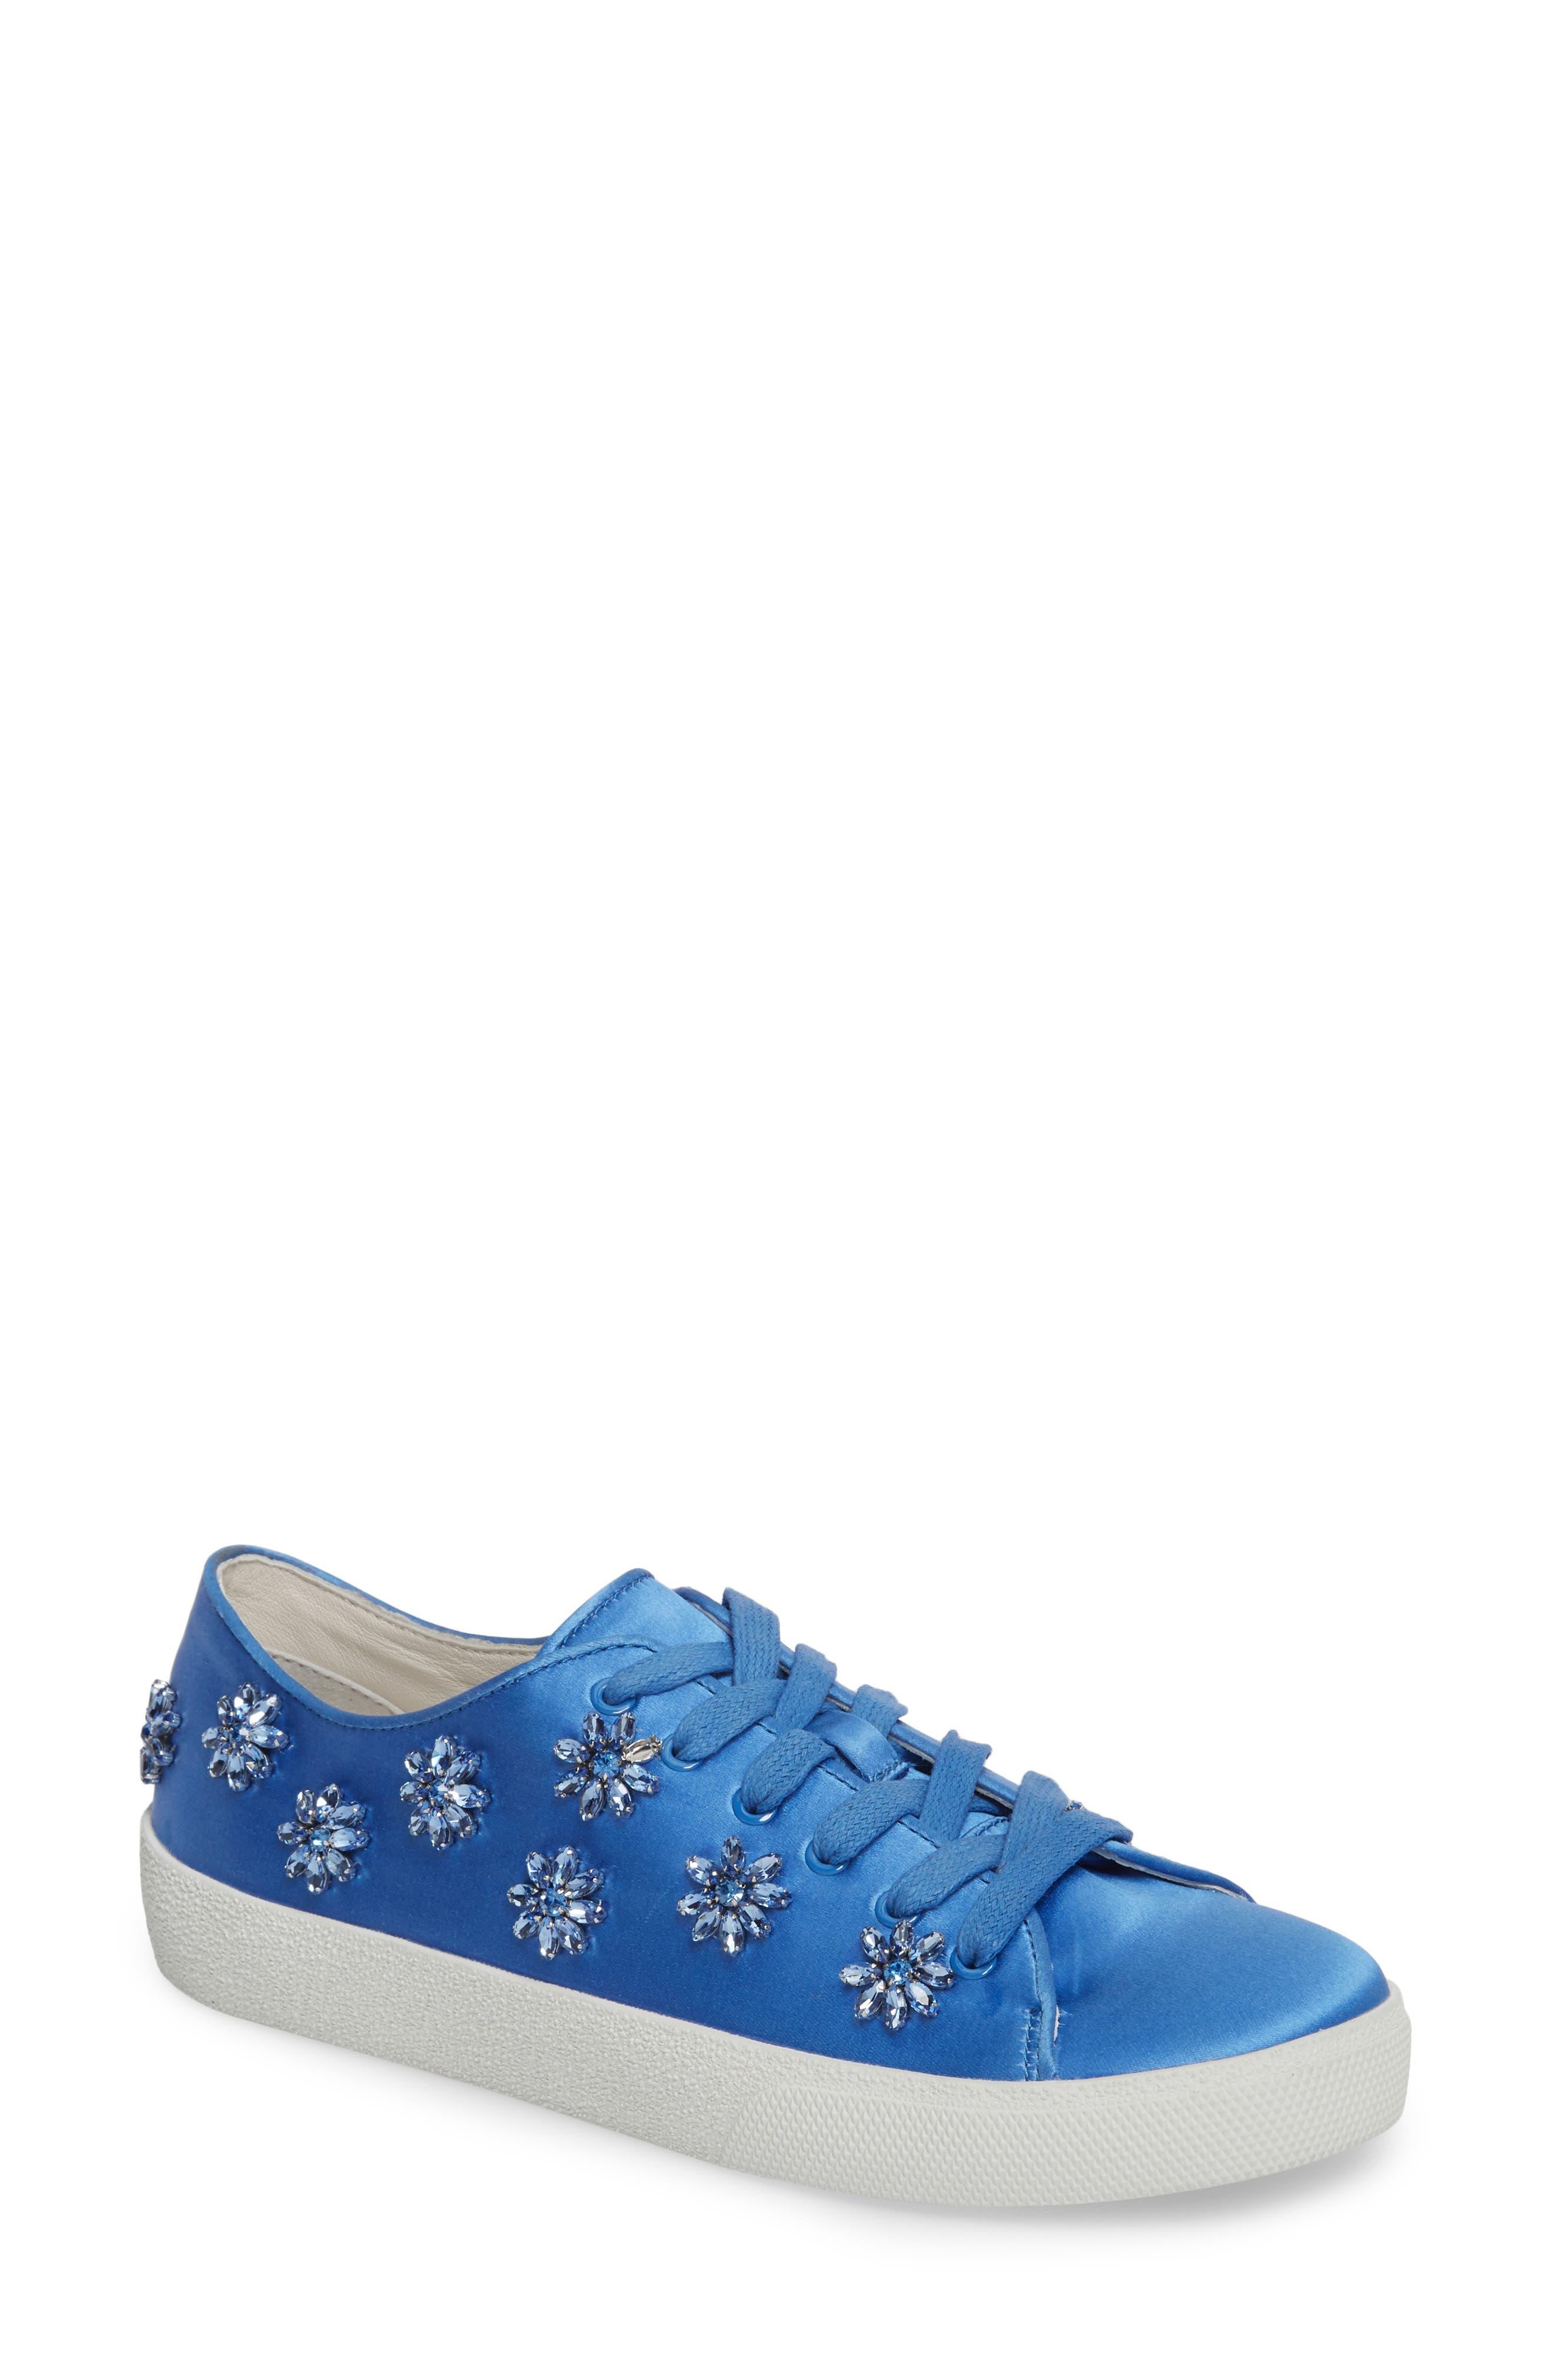 Cleo Crystal Embellished Sneaker,                         Main,                         color, Cerulean